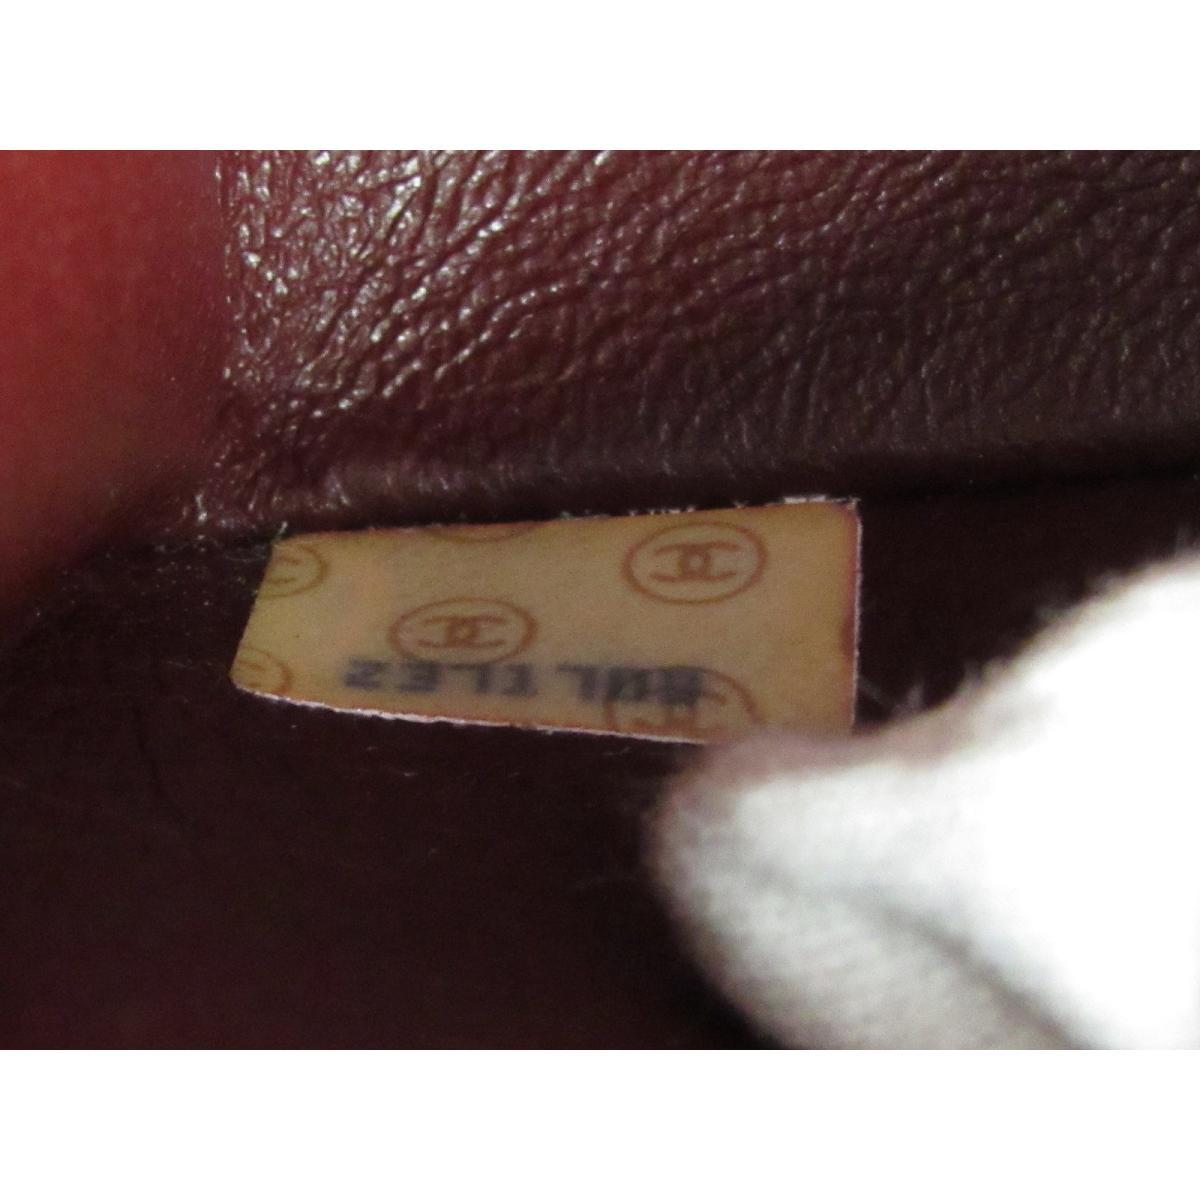 CHANEL バッグ  マトラッセWフラップチェーンショルダーバッグ